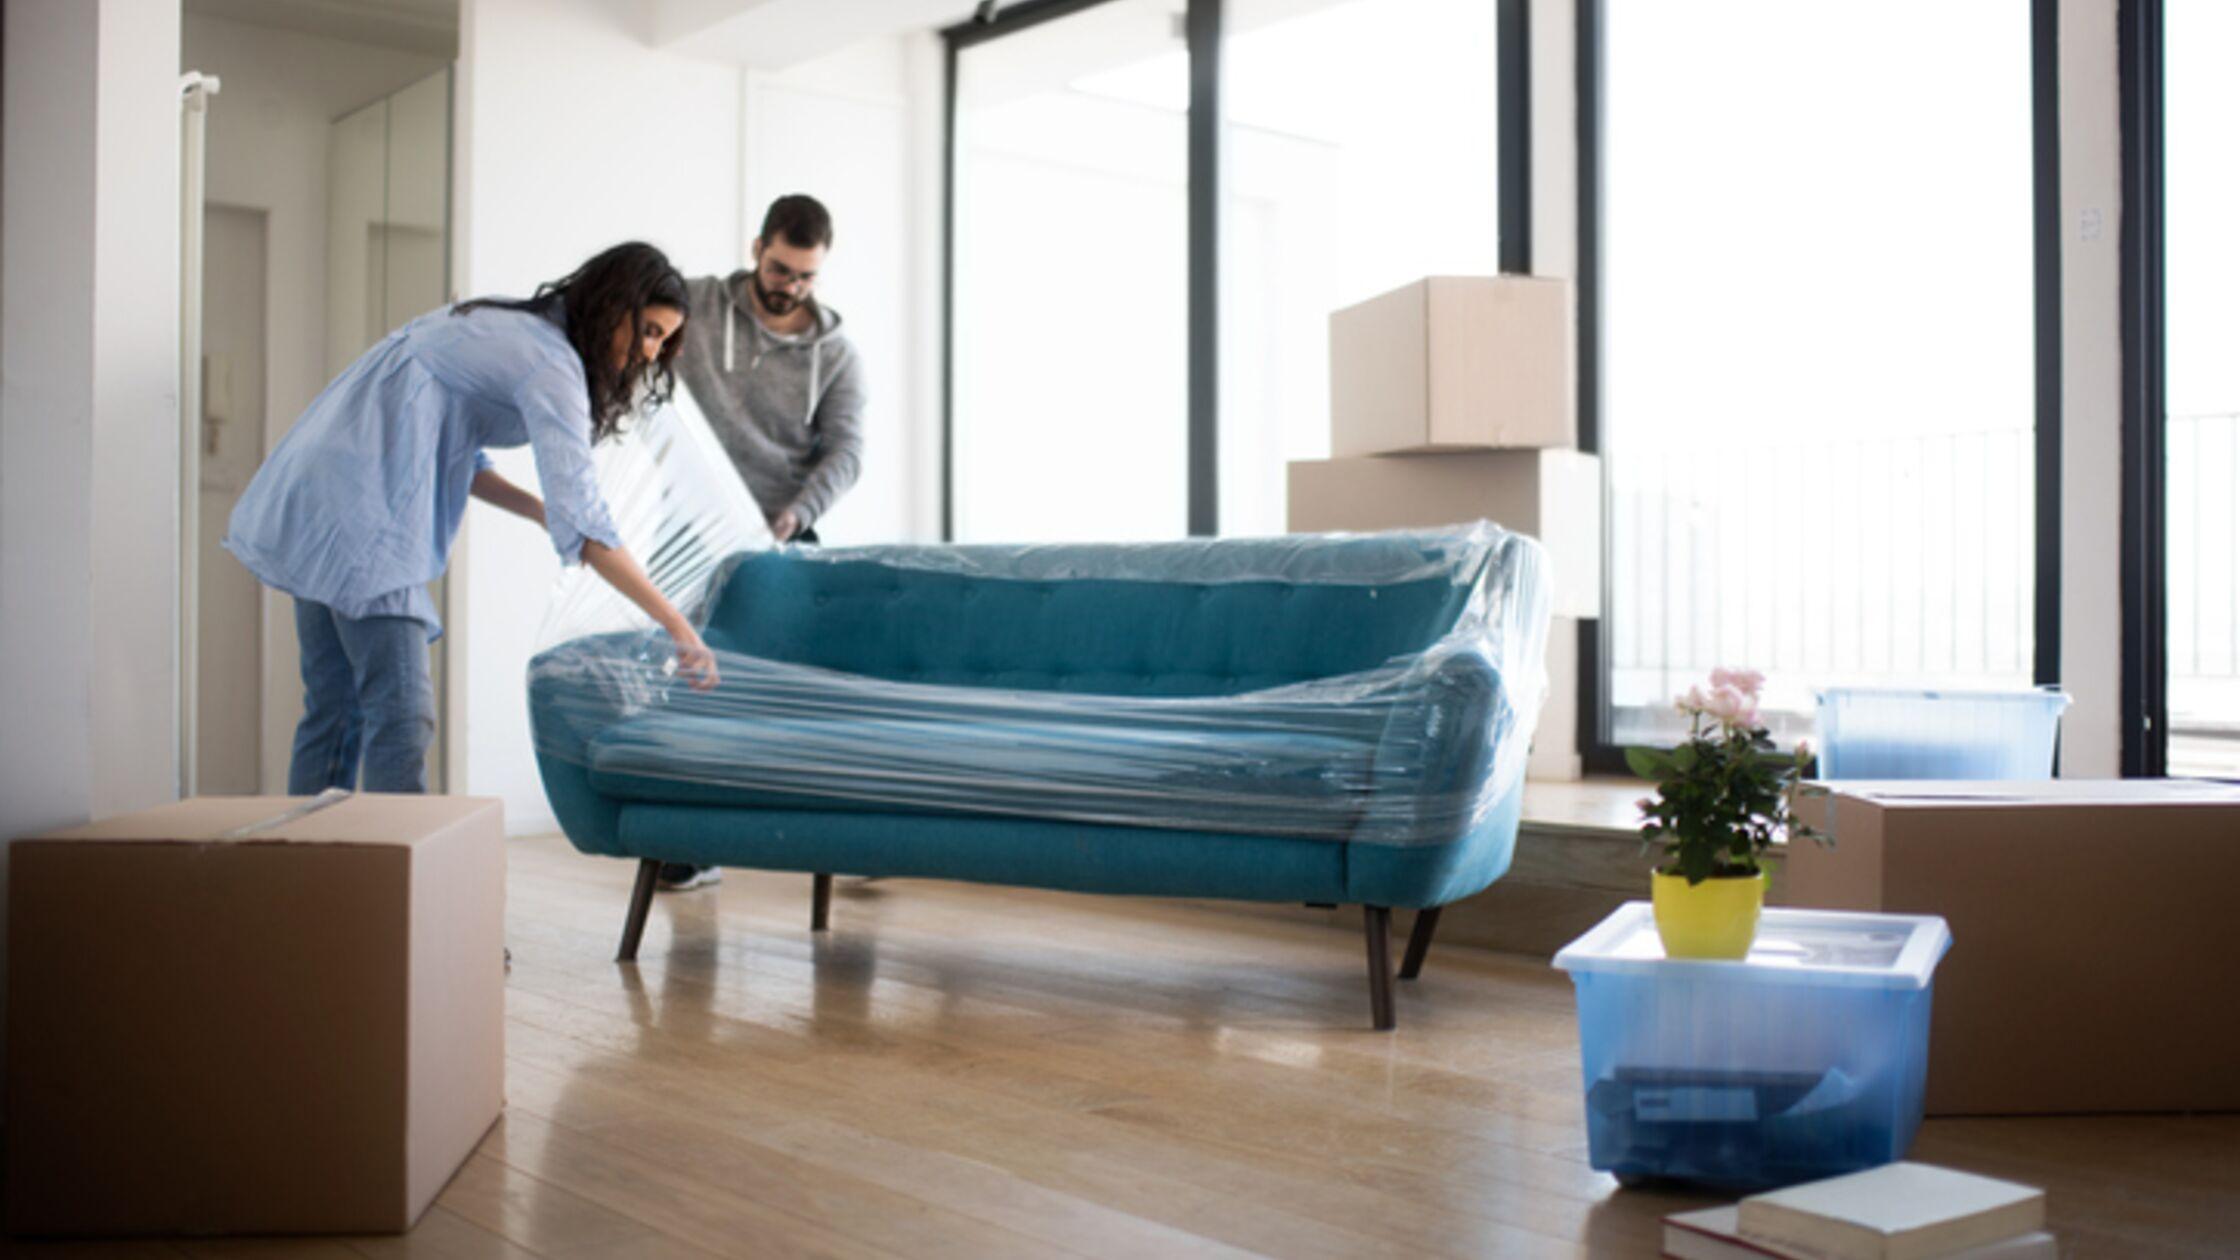 Möbel vom Jobcenter: Erstausstattung der Wohnung mit Hartz IV